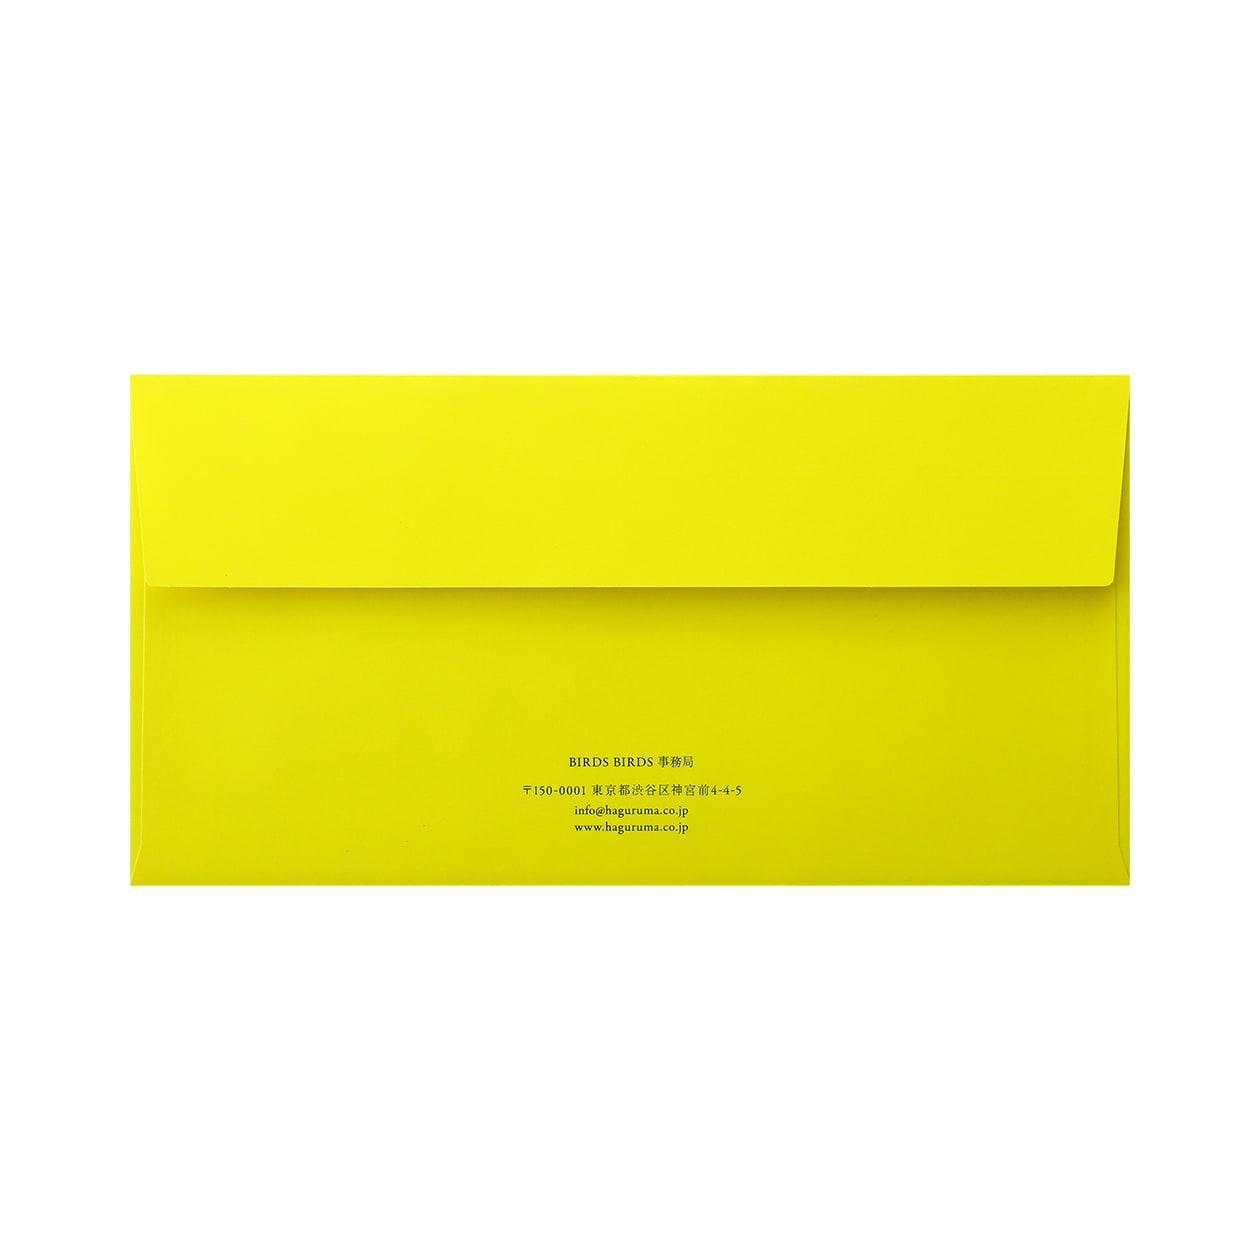 サンプル 封筒・袋 00124